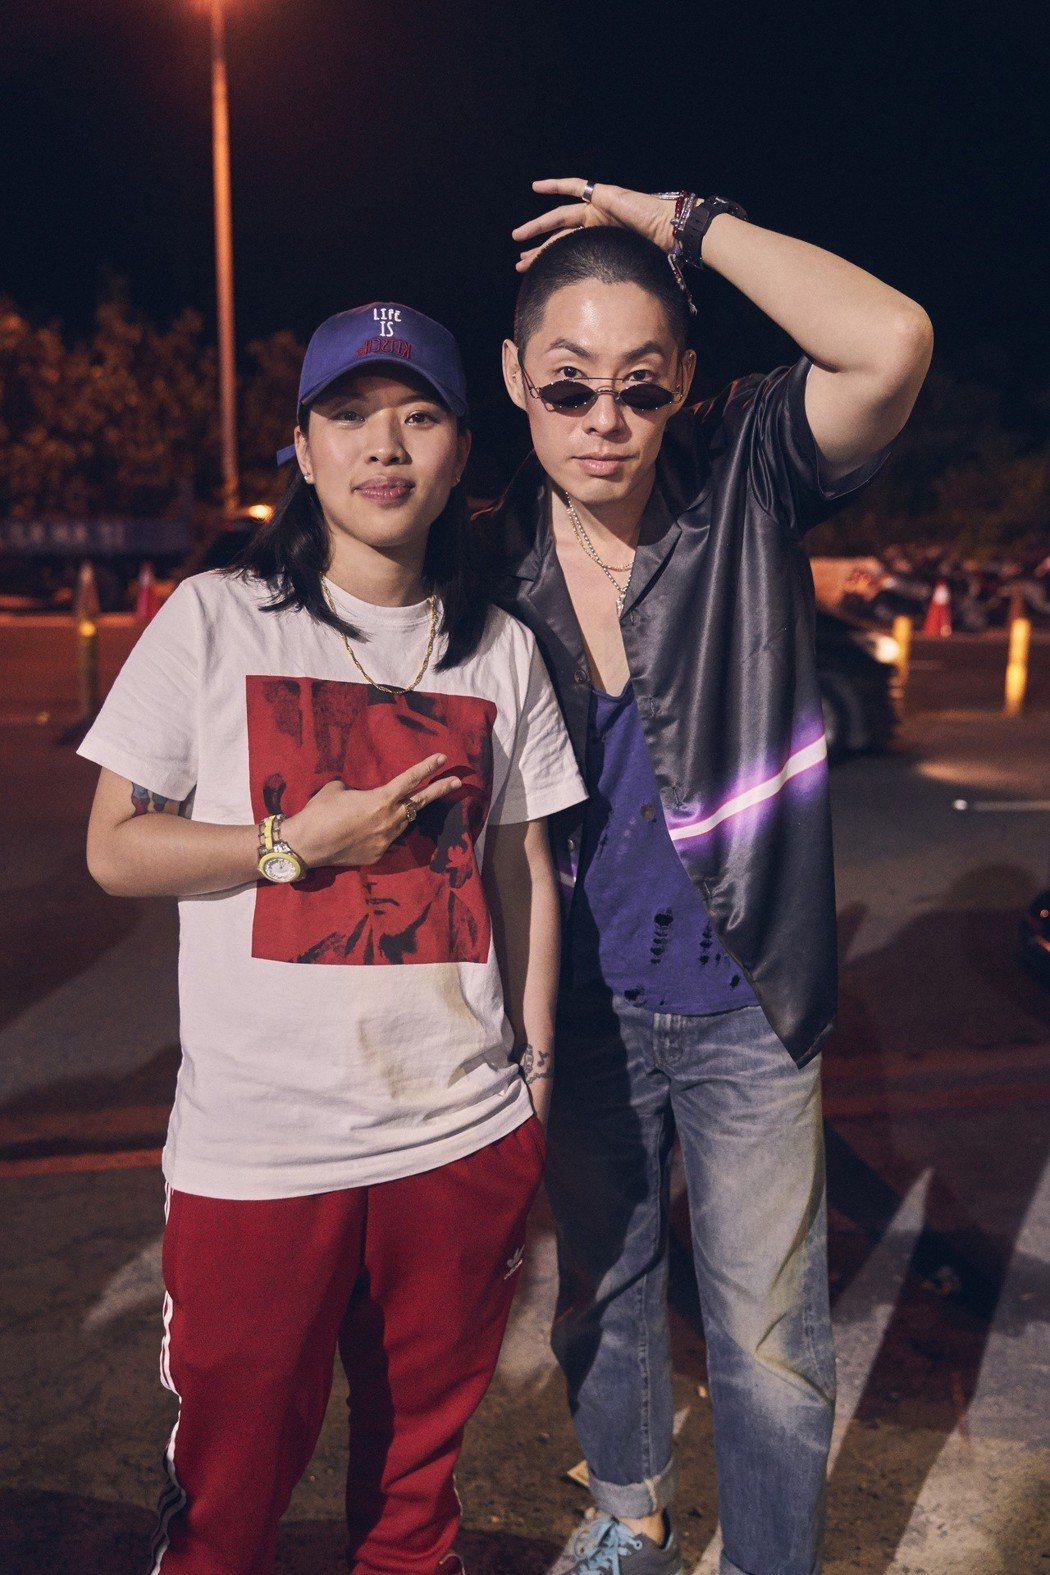 葛仲珊和吳建豪(右)參加「春浪音樂節」。圖/環球音樂提供